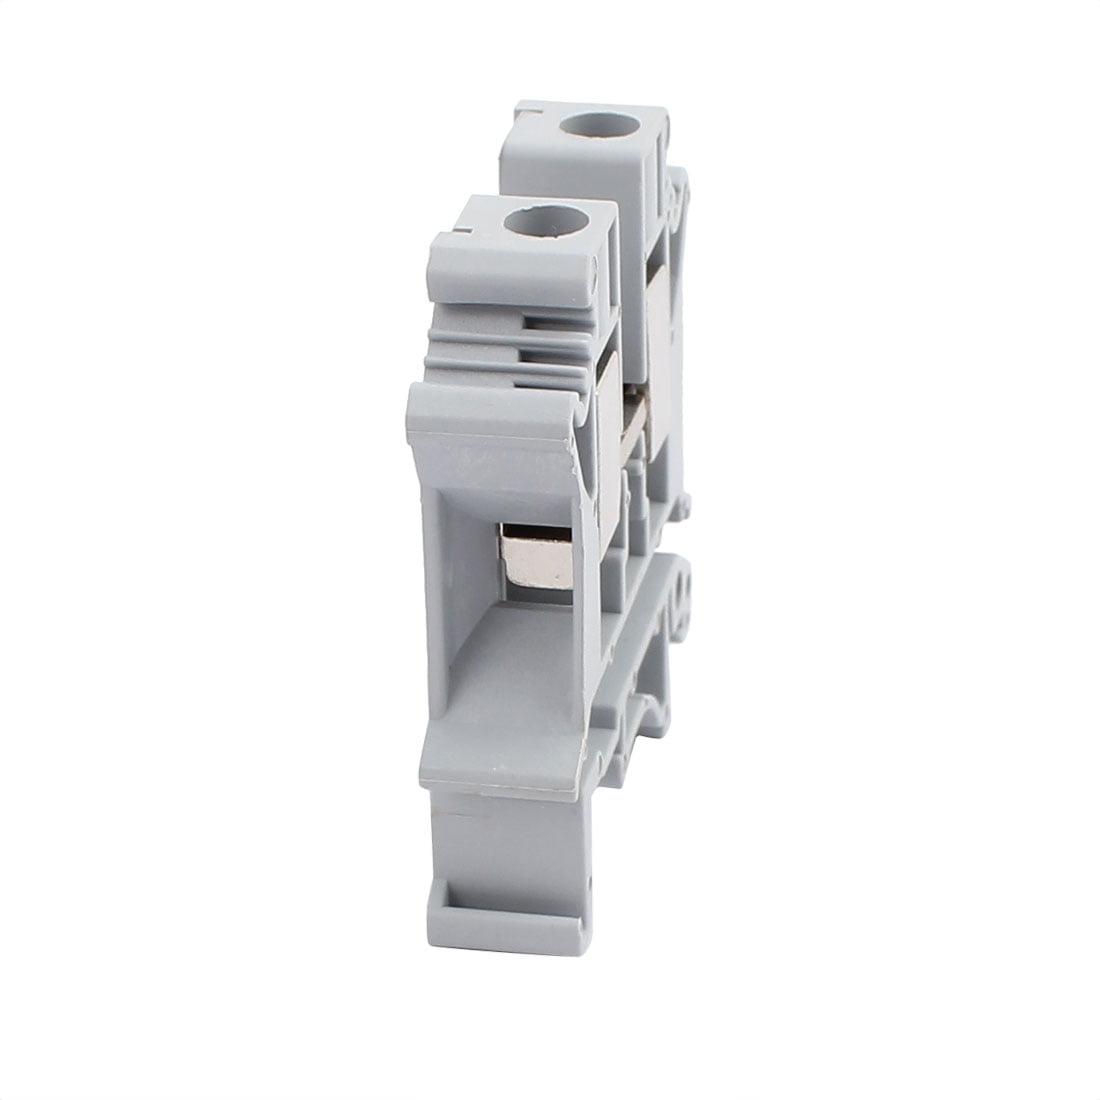 2Pcs UK-10N Guide Montage Rail DIN 800V Bornier 76A 10mm2 Cable Gray - image 1 de 2